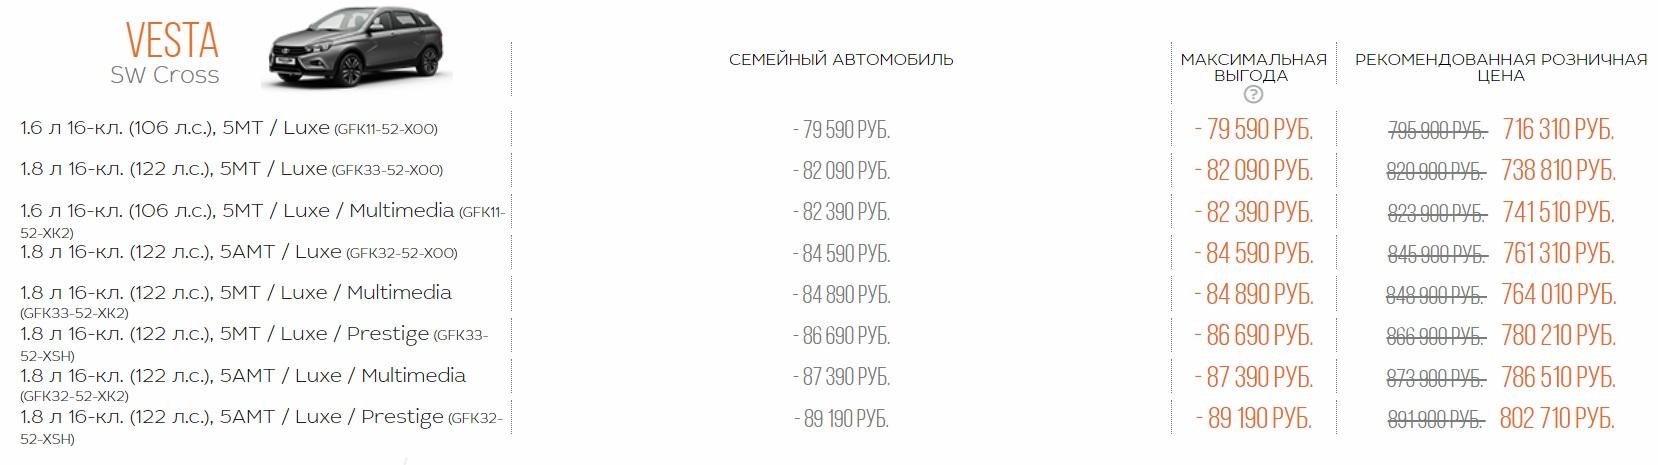 """Лада Веста Кросс в кредит по программе """"Семейный автомобиль"""""""